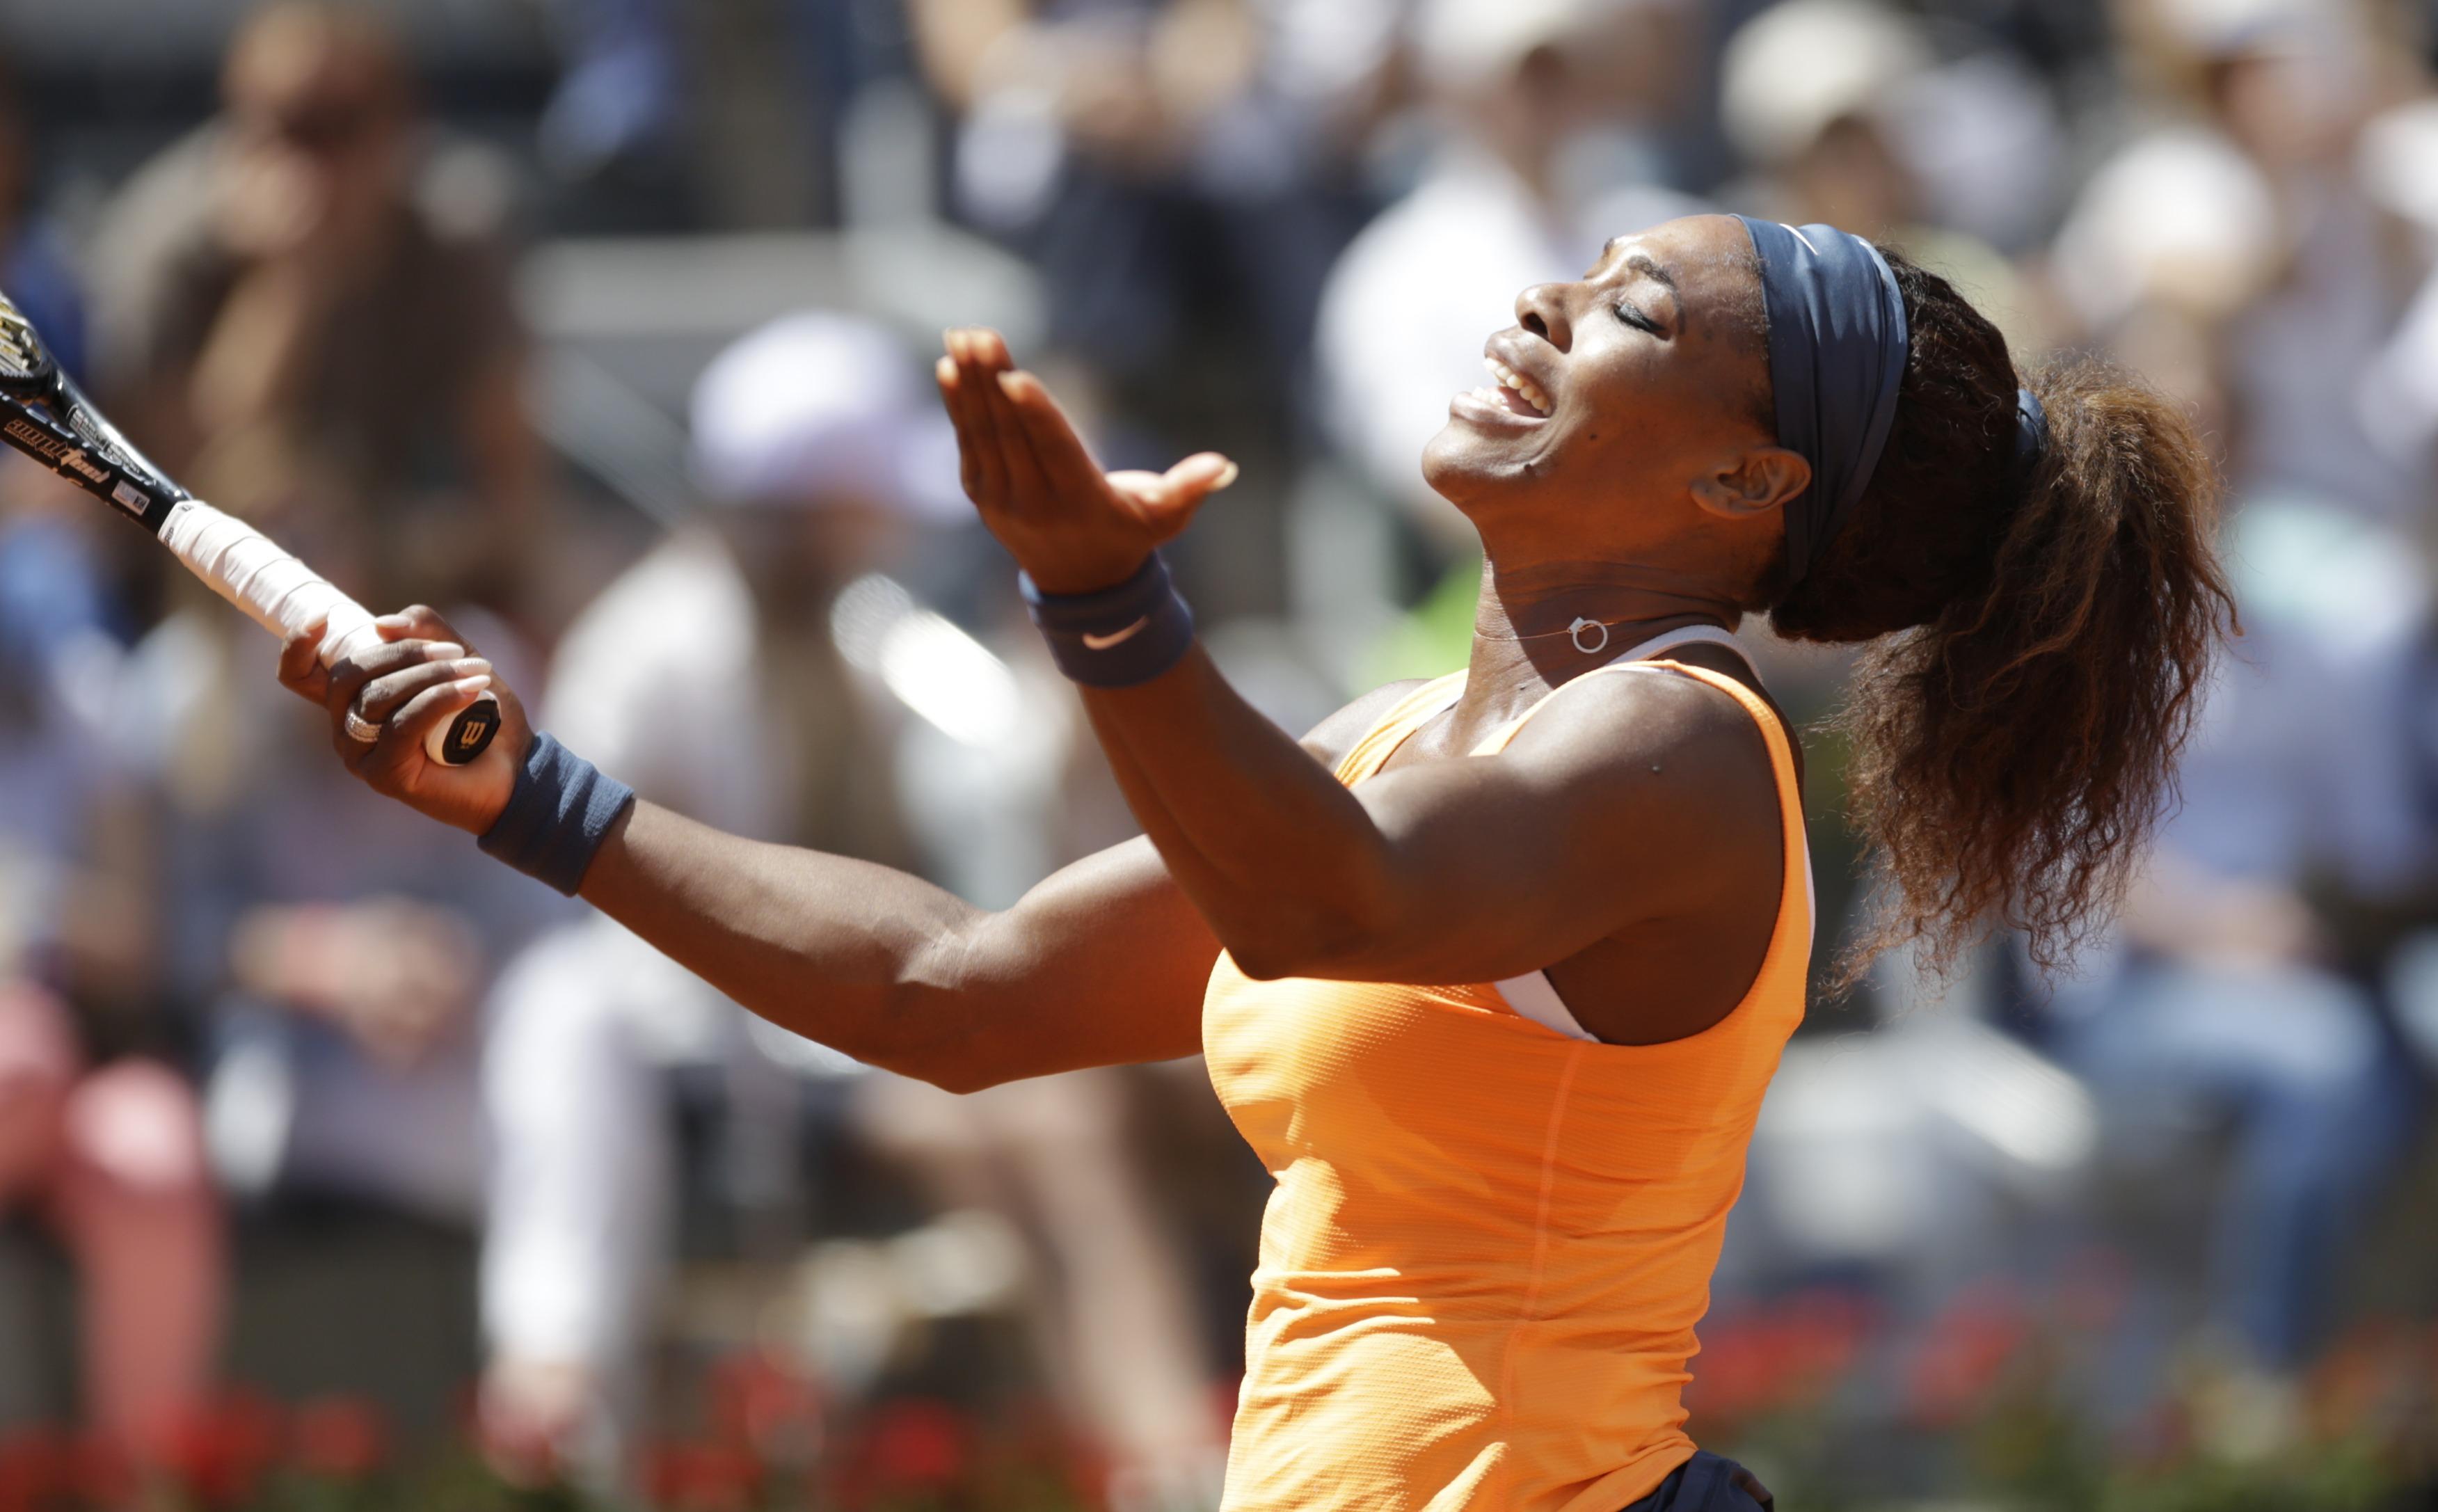 Серена Уильямс выиграла Мастерс в Риме